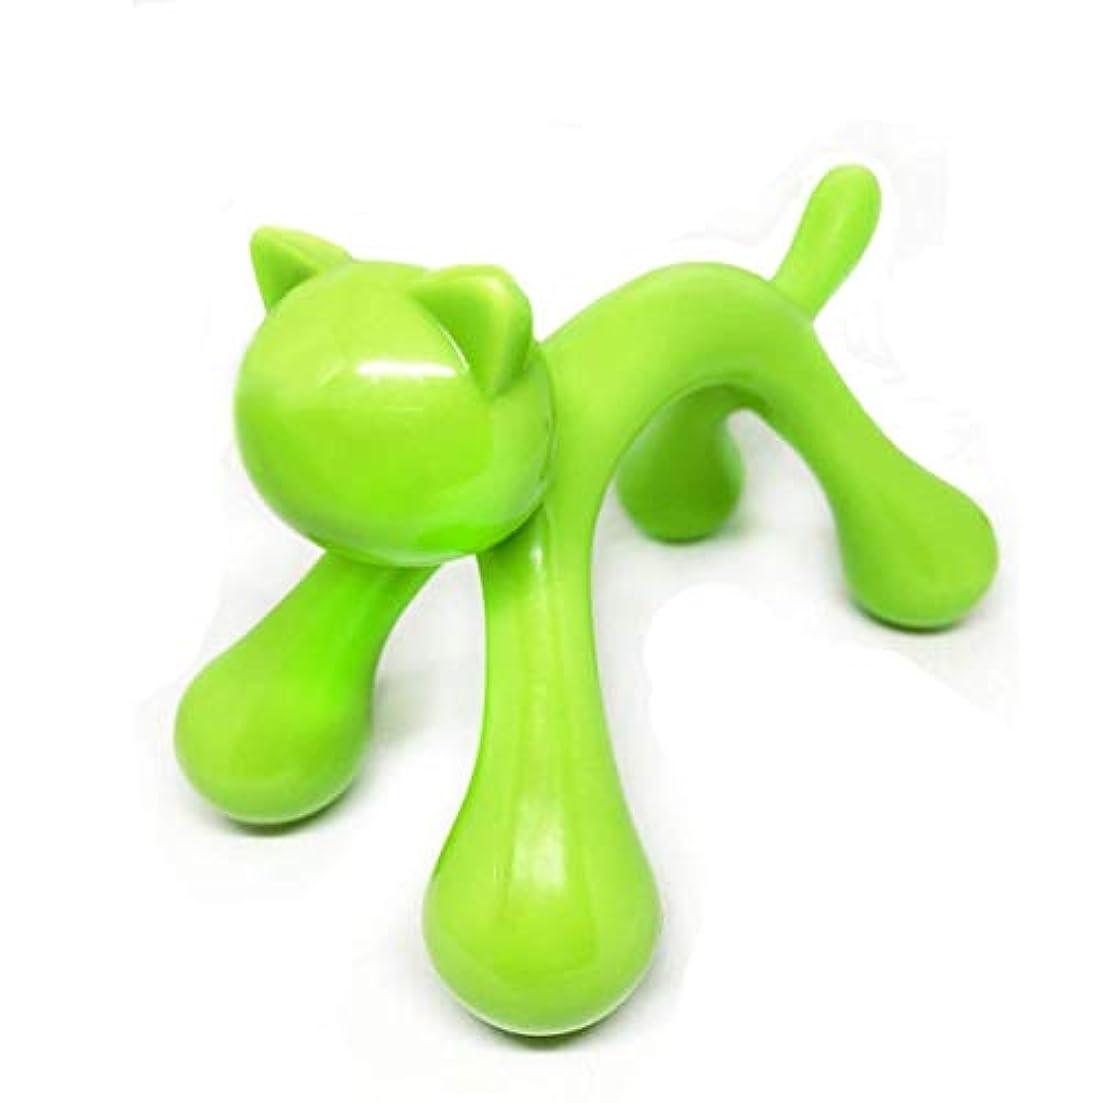 スペイン哀暴力Flymylion マッサージ棒 ツボ押しマッサージ台 握りタイプ 背中 ウッド 疲労回復 ハンド 背中 首 肩こり解消 可愛いネコ型 (グリーン)